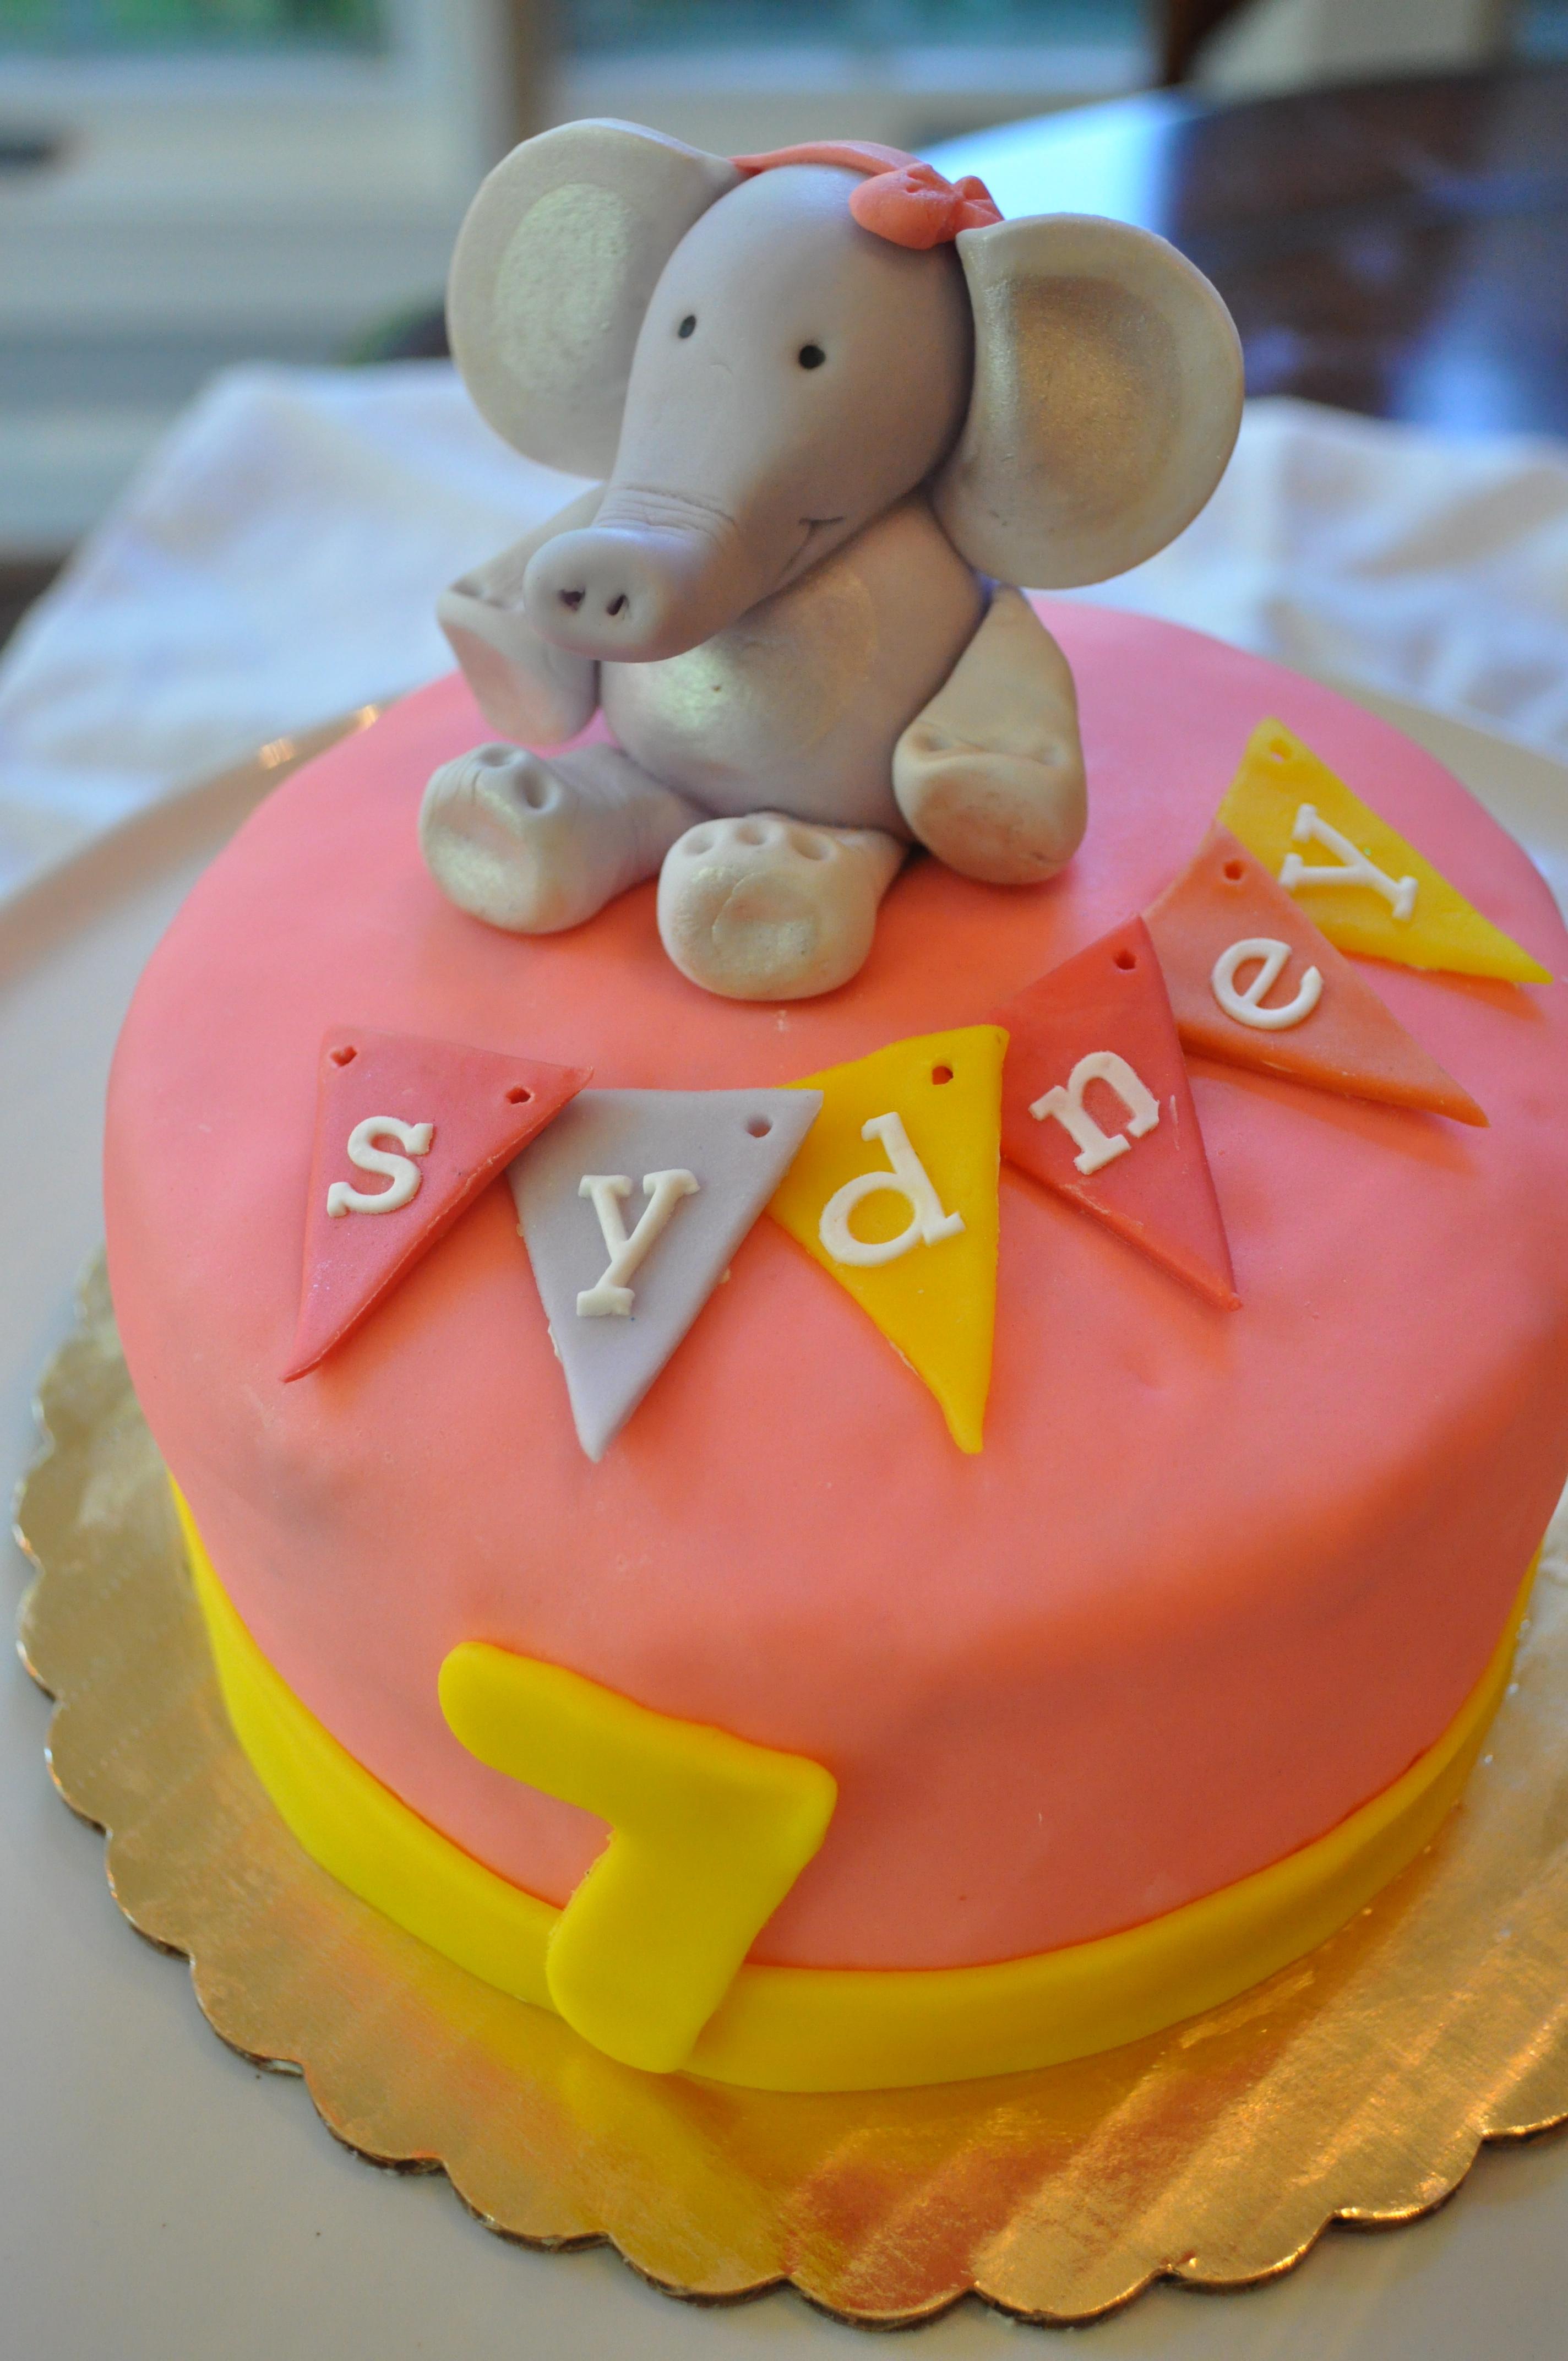 Images Of Elephant Cake : Tutorial: How to make a fondant elephant